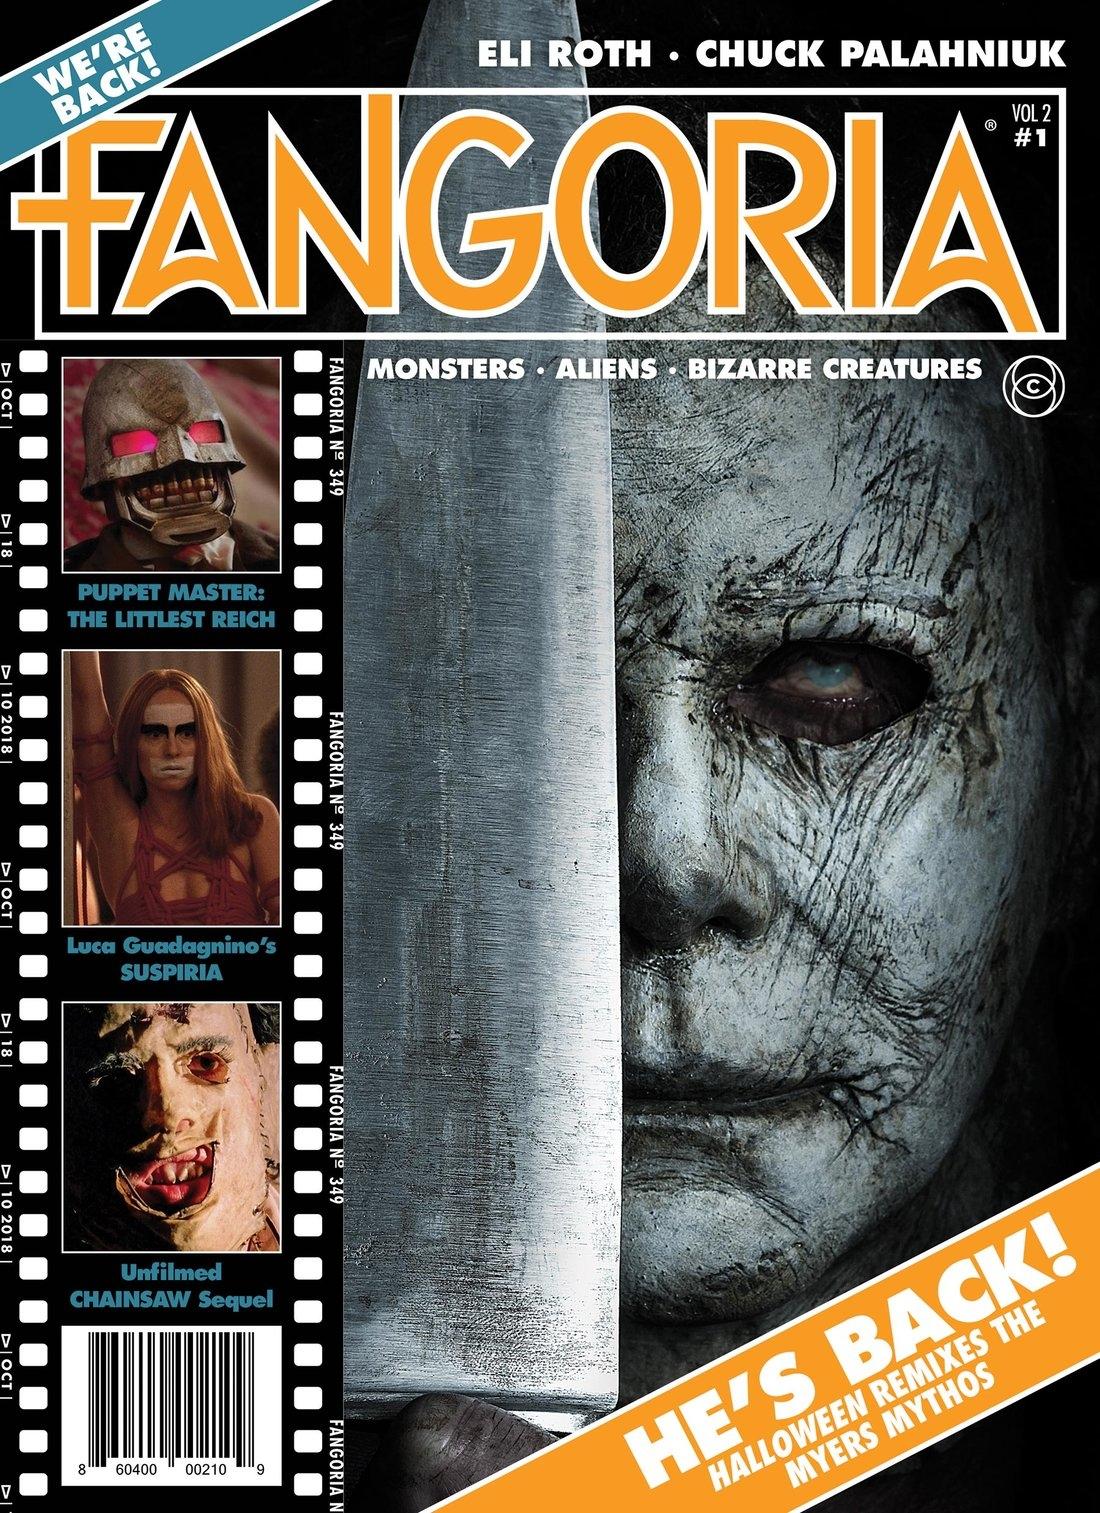 FANGORIA VOL 2 #1